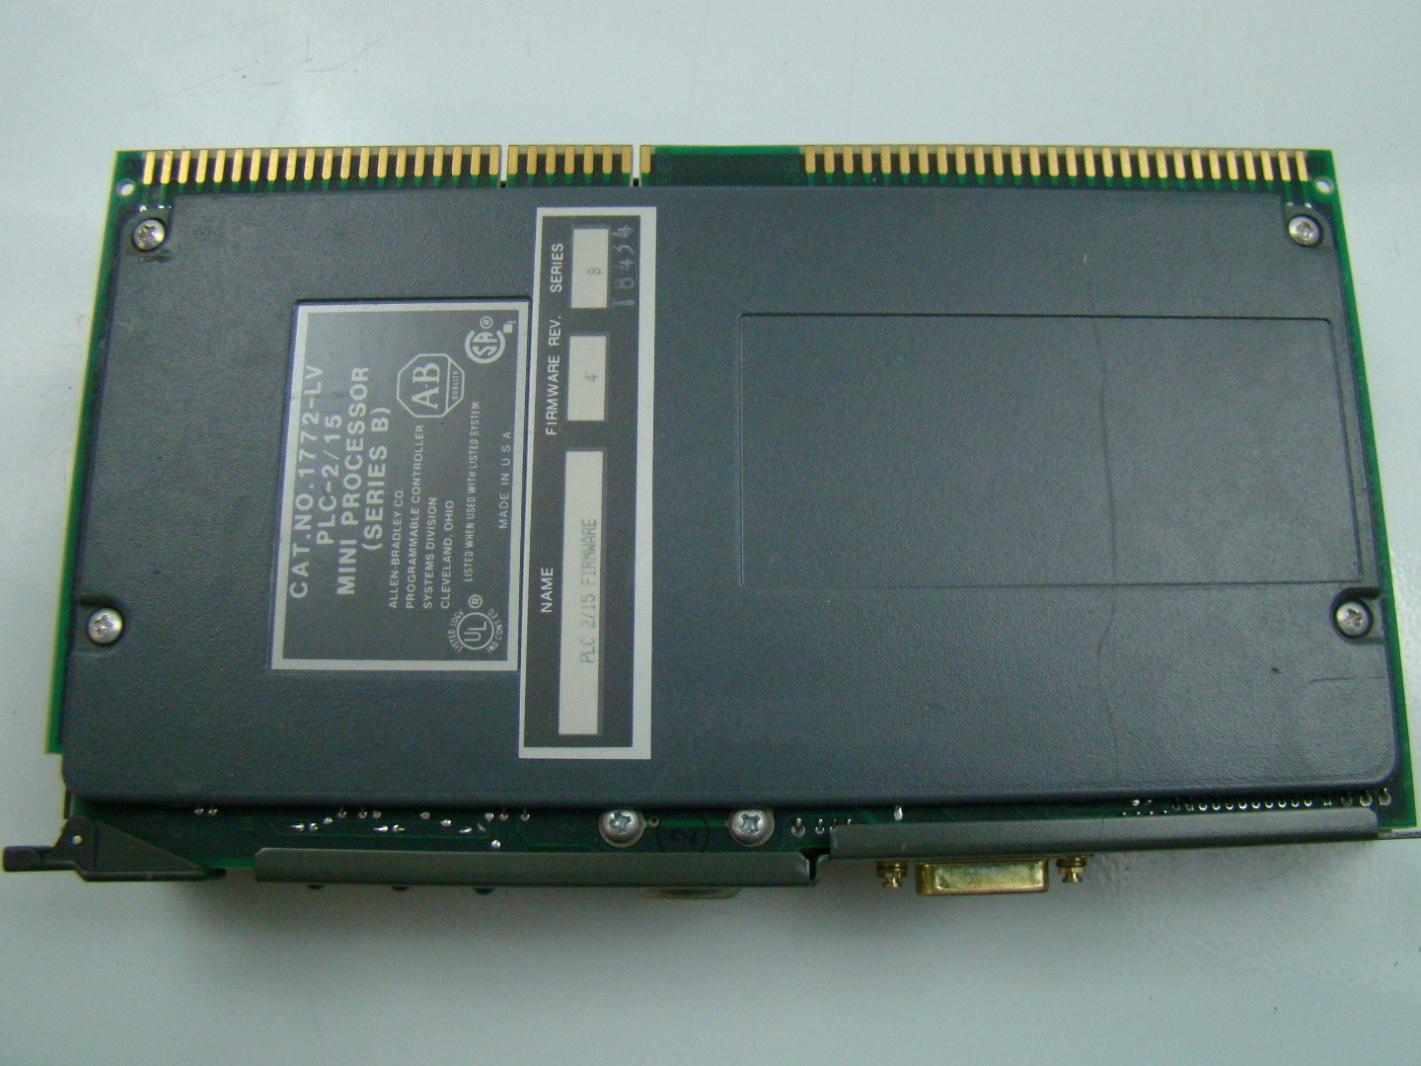 Details about Allen Bradley PLC-2/15 Mini Processor 1772-LV